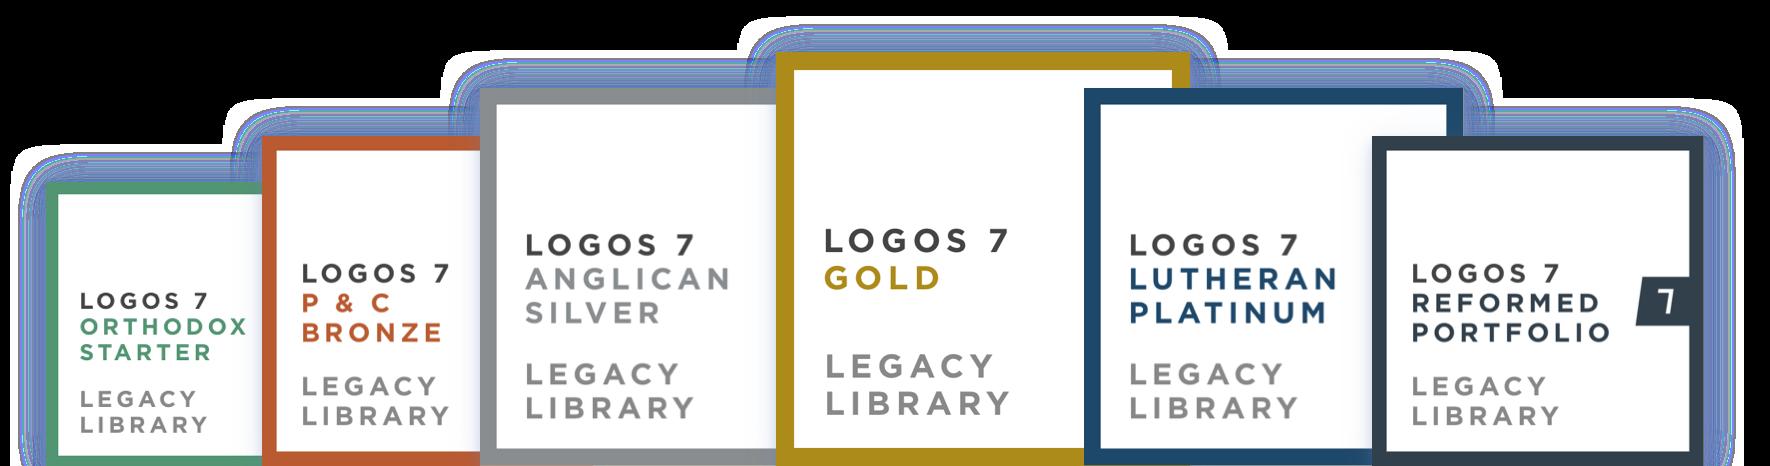 Logos 7 Legacy Libraries